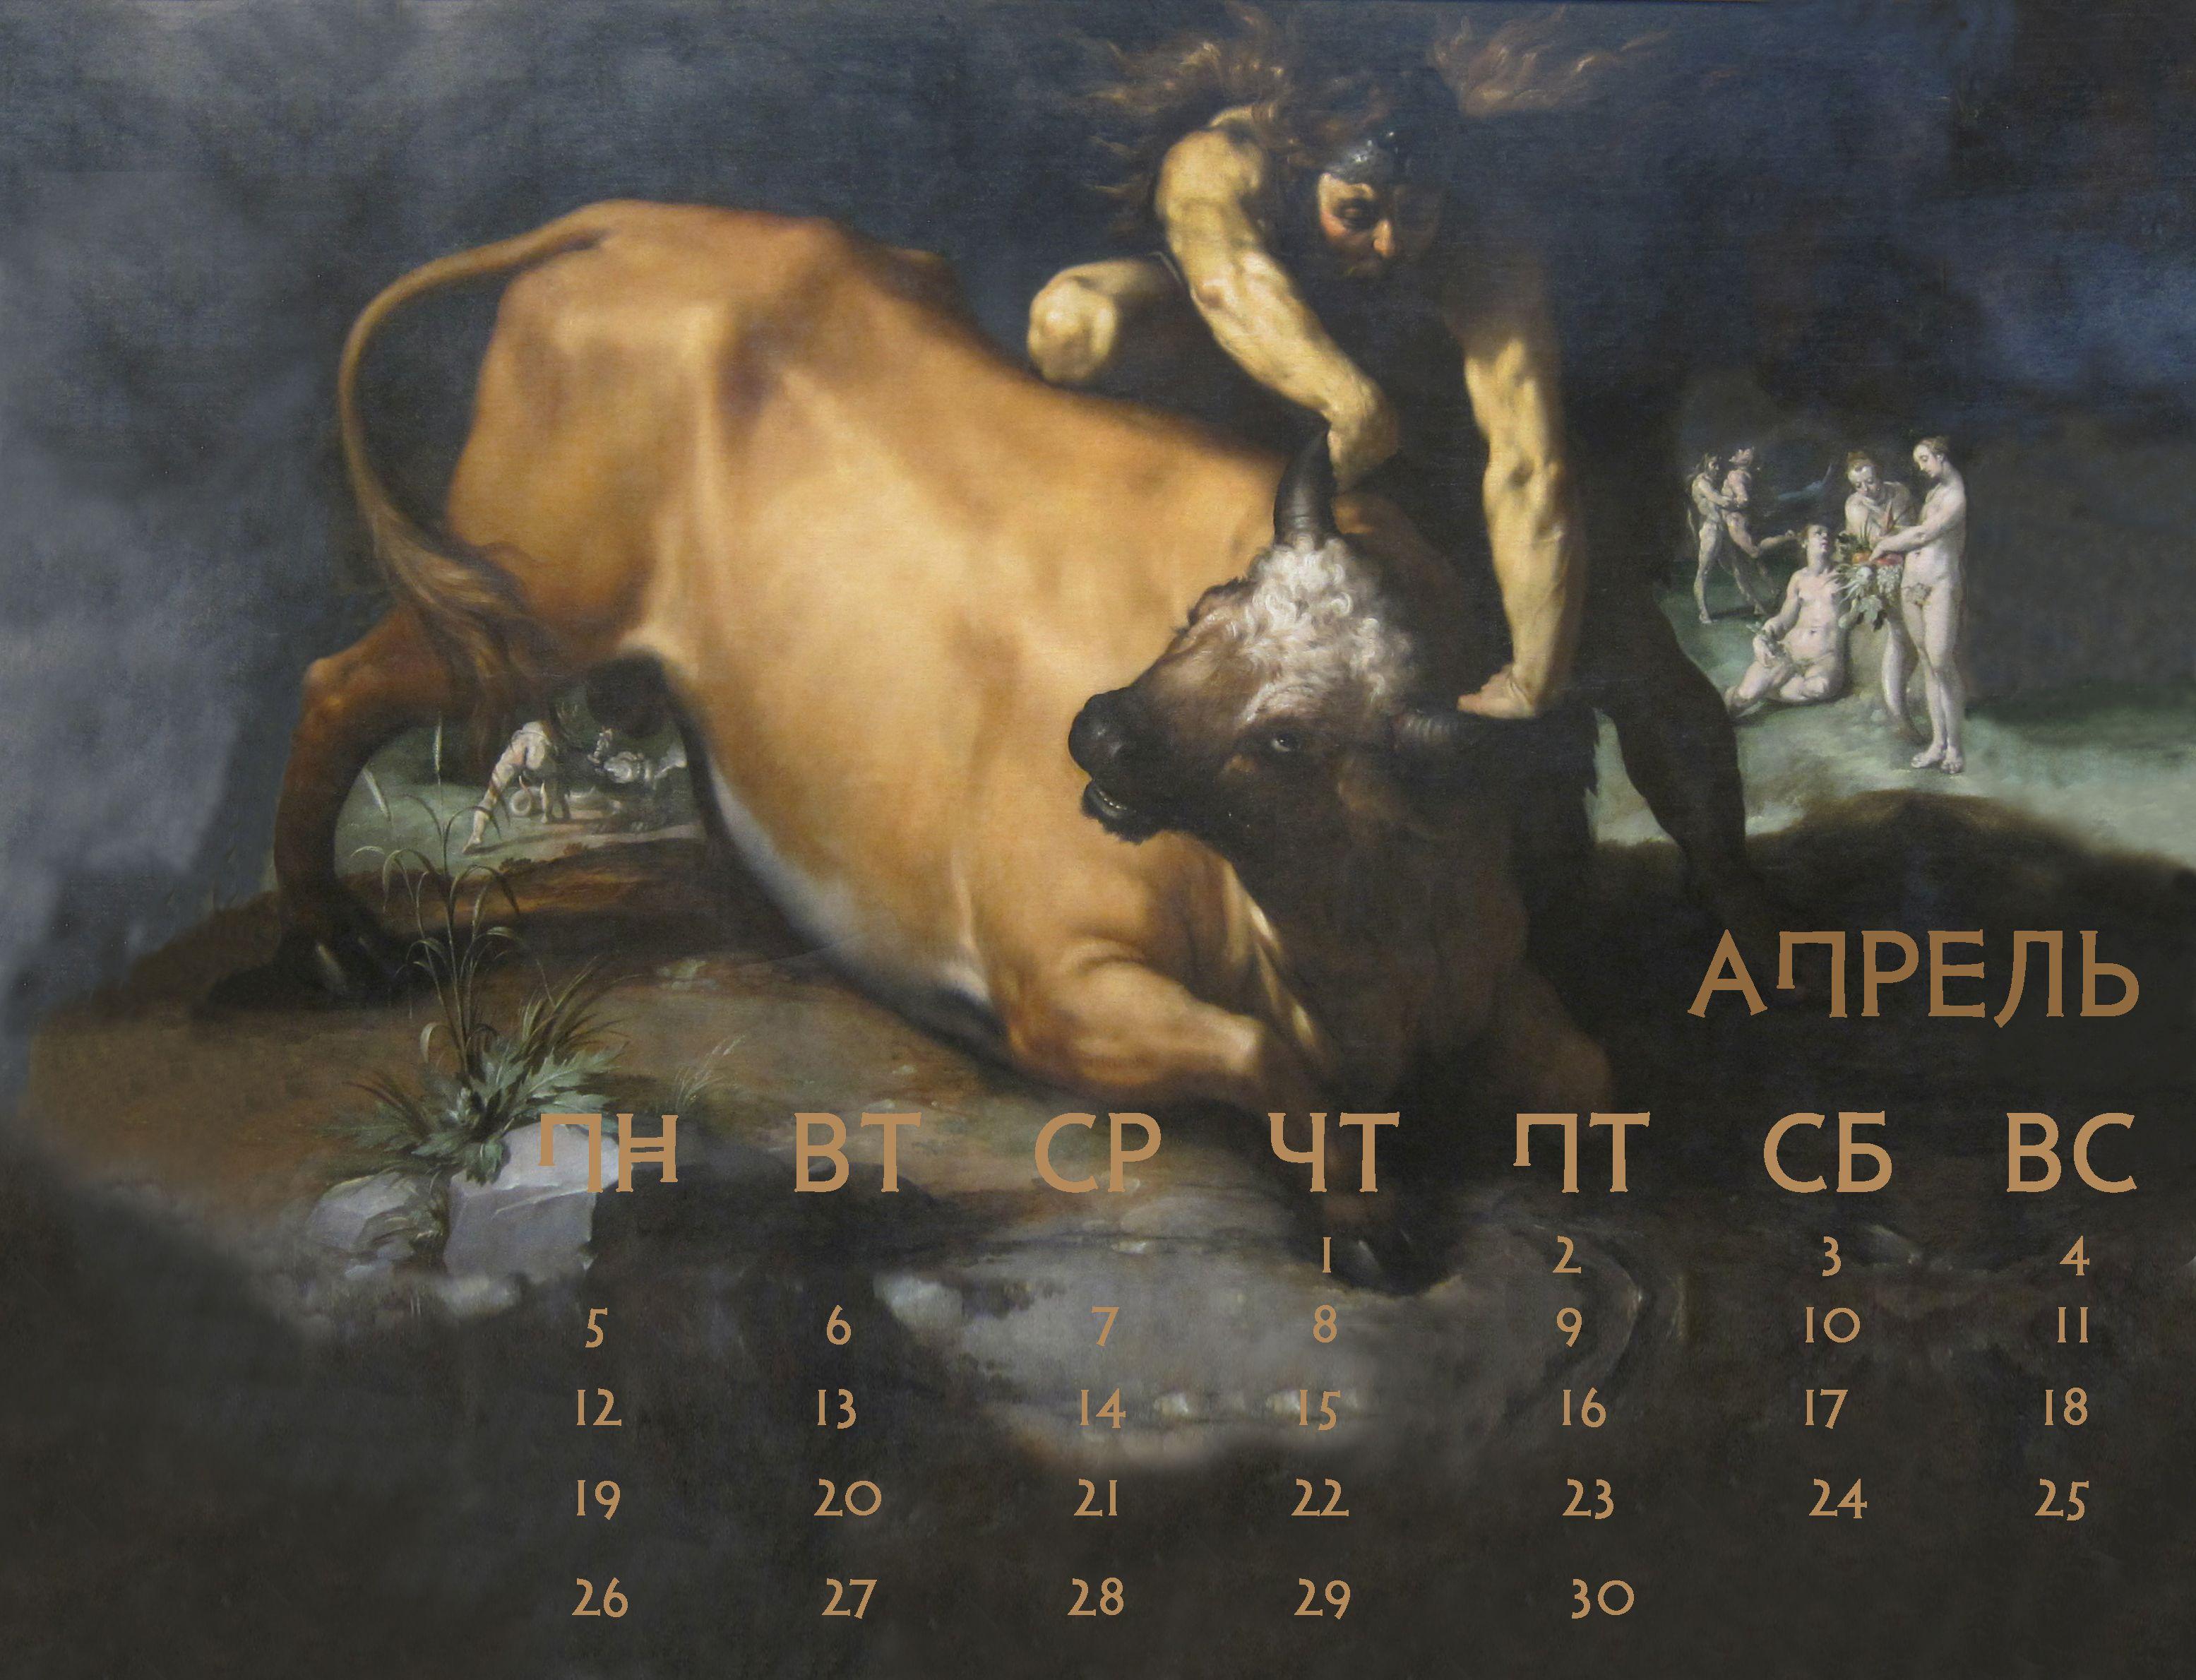 Корнелис ван Харлем. Геракл и Ахелой. 1590. Дизайн – Валентина Ильина